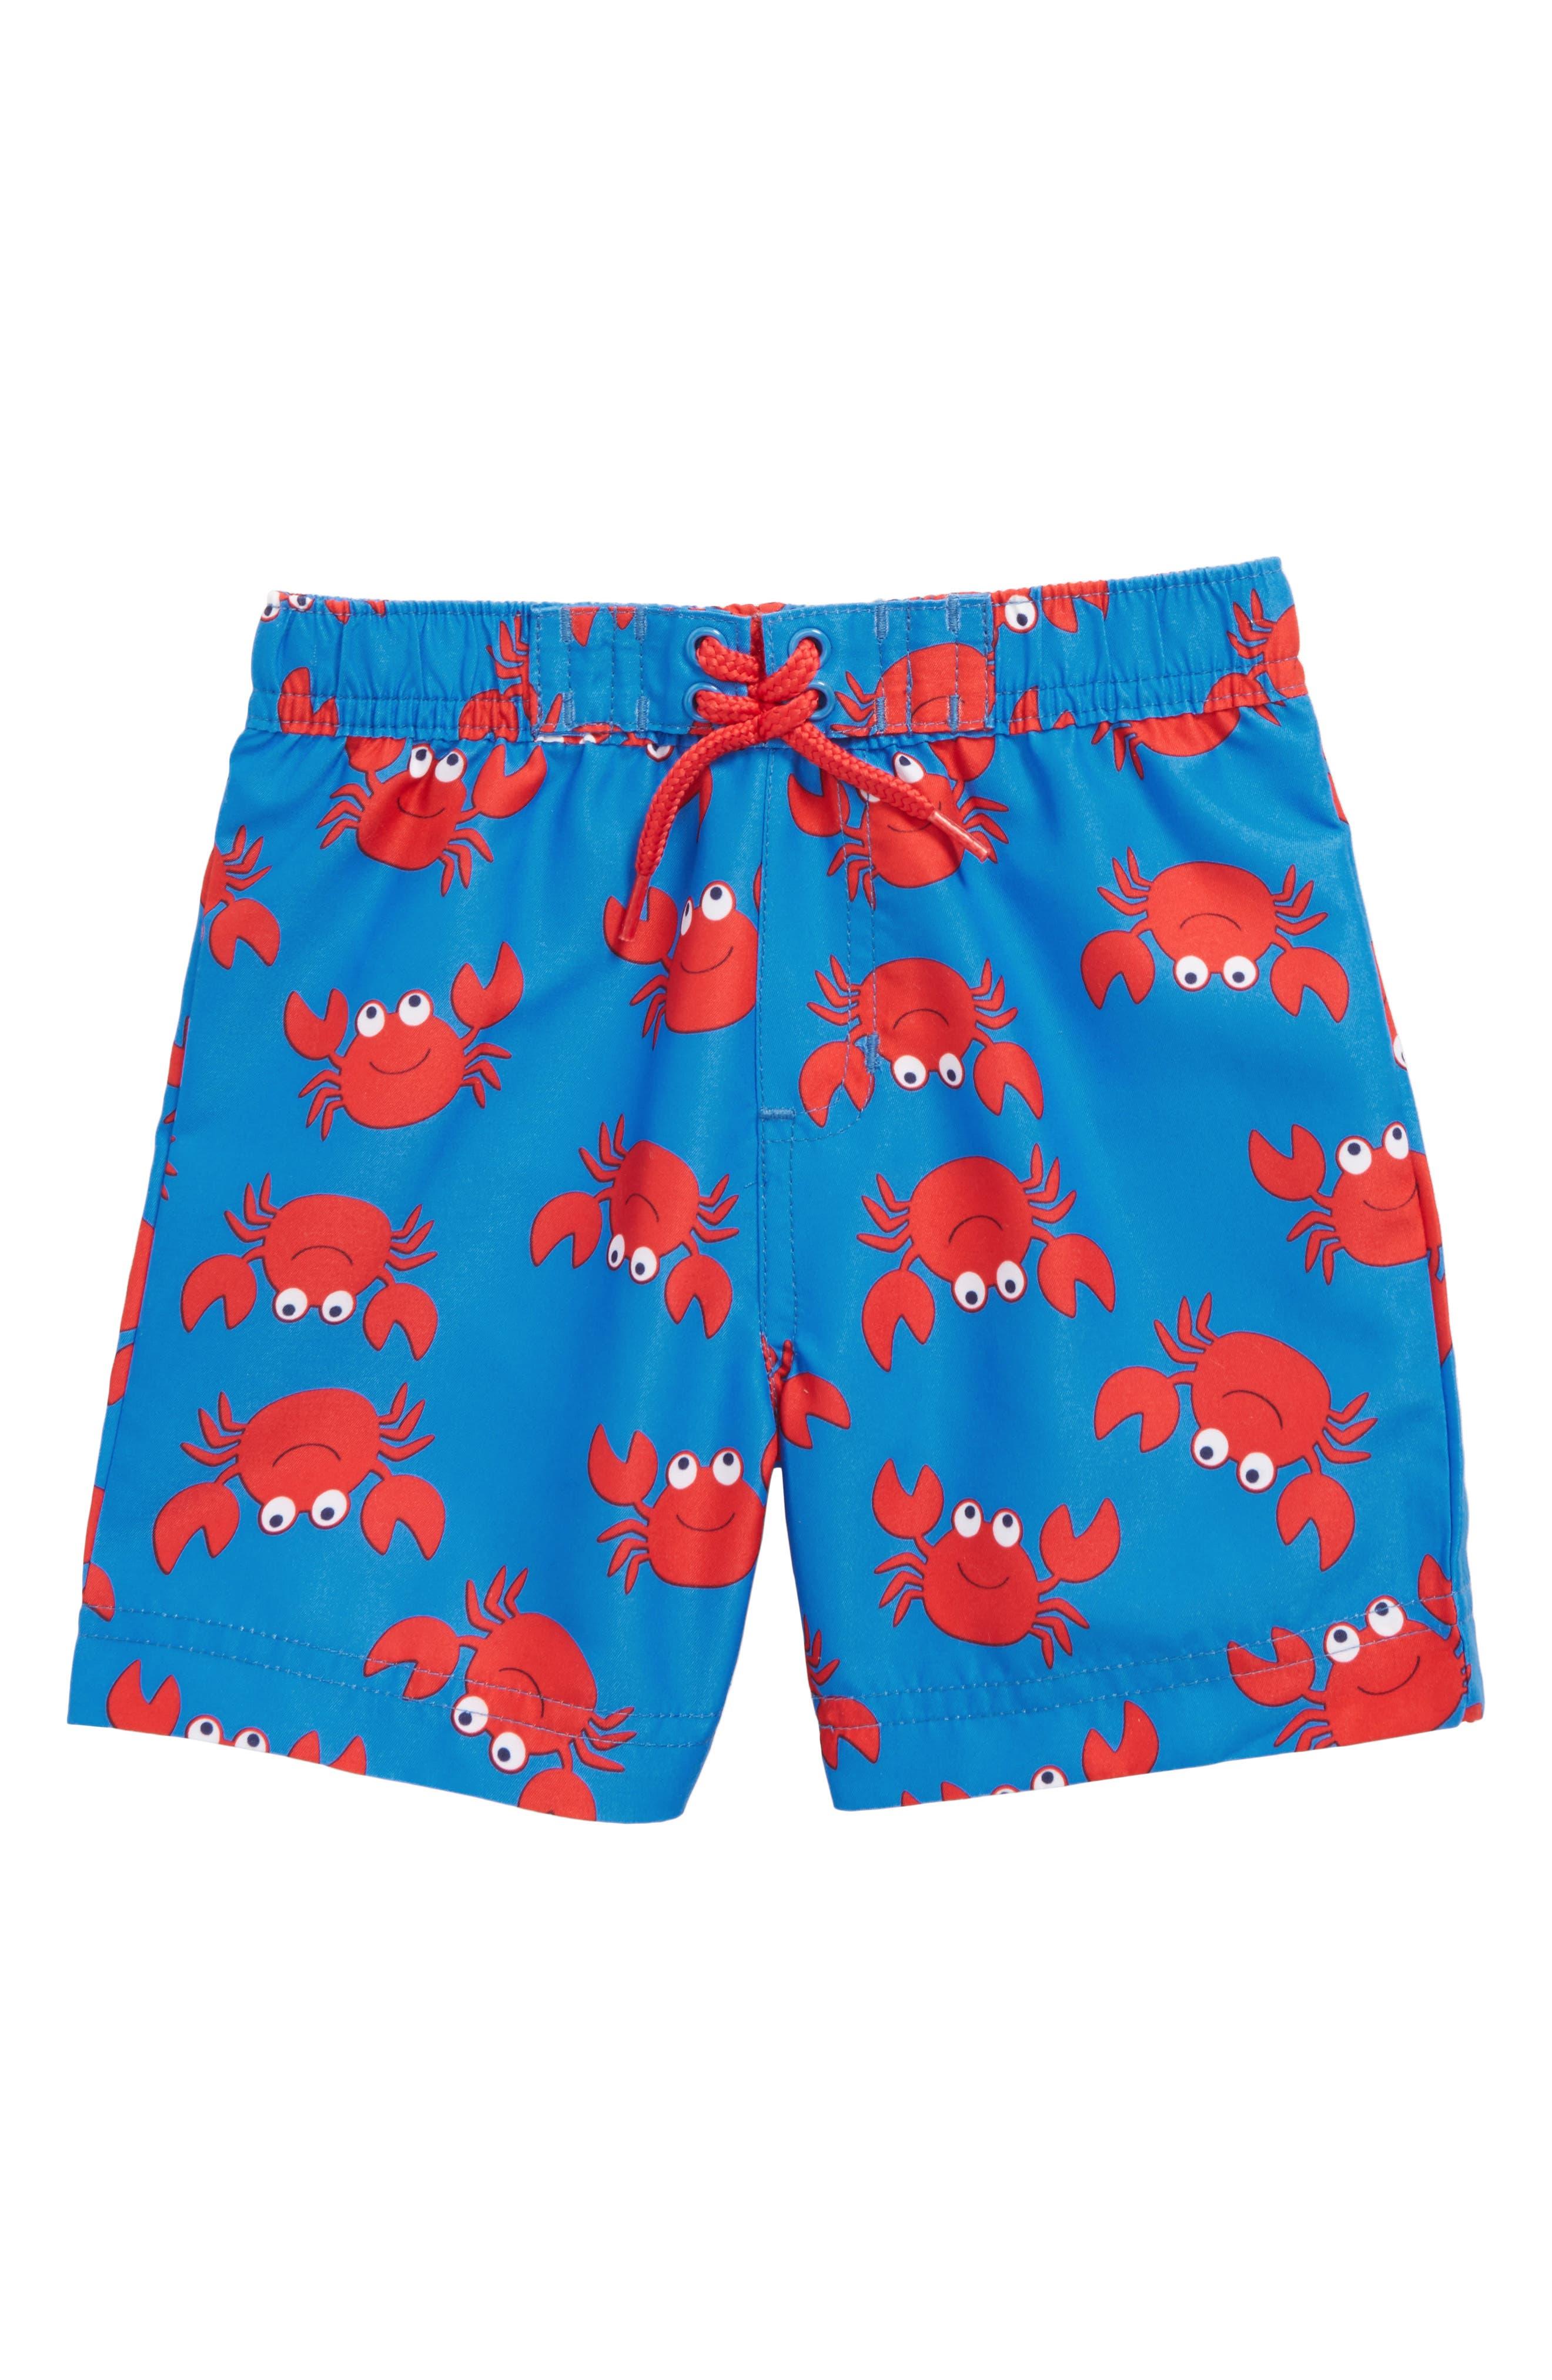 Crab UPF 50+ Swim Trunks,                             Main thumbnail 1, color,                             457